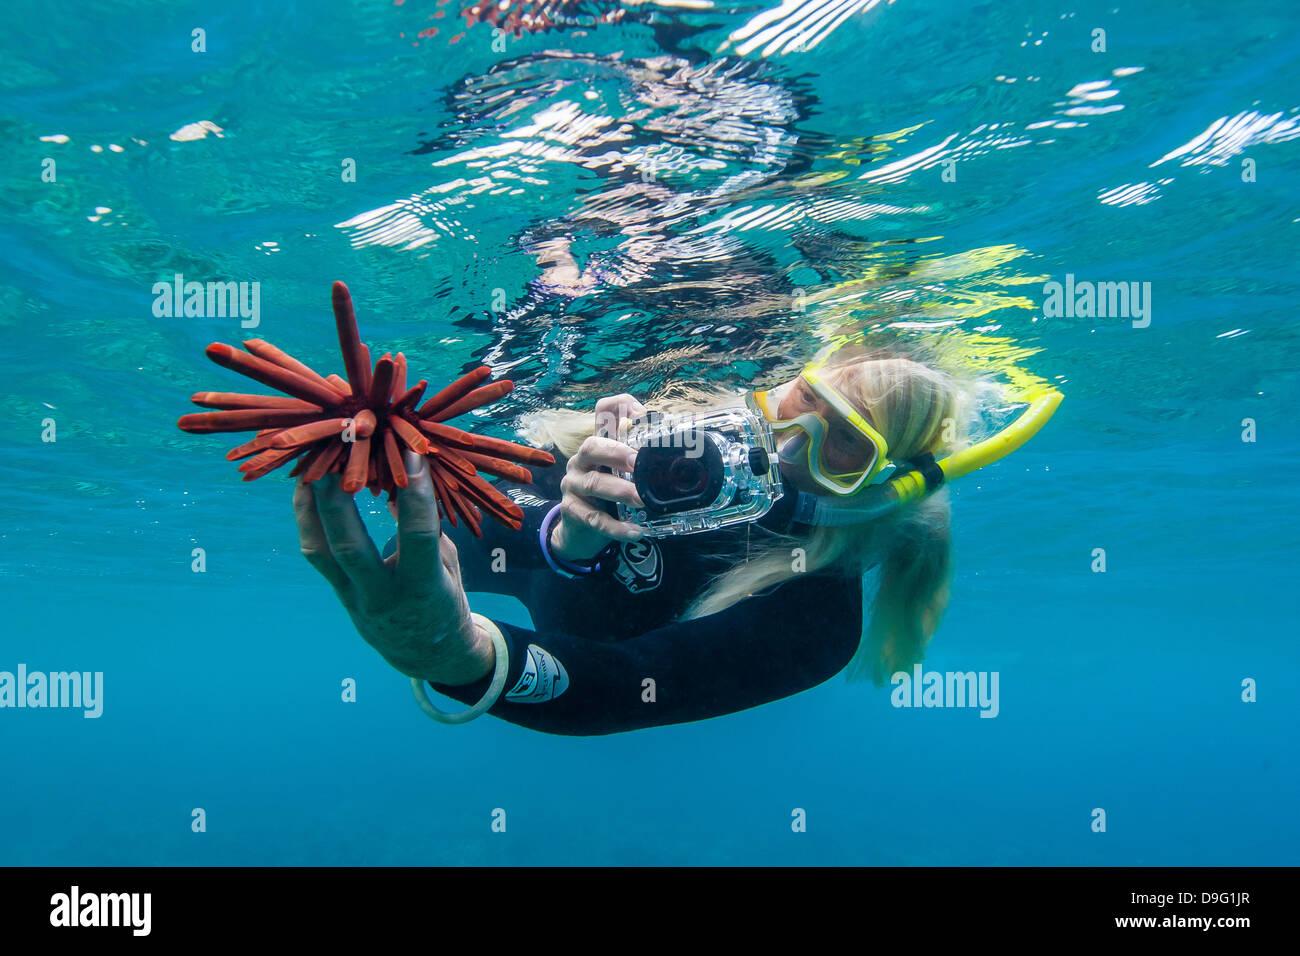 Schnorchler nehmen Foto von Urchin Unterwasser aus Maui, Hawaii, Vereinigte Staaten von Amerika Stockbild